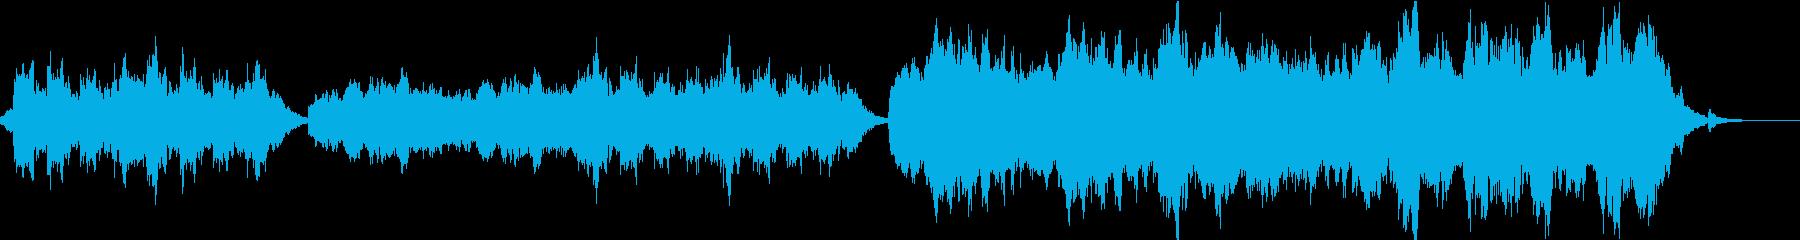 安らかな気持ちになれる楽曲の再生済みの波形